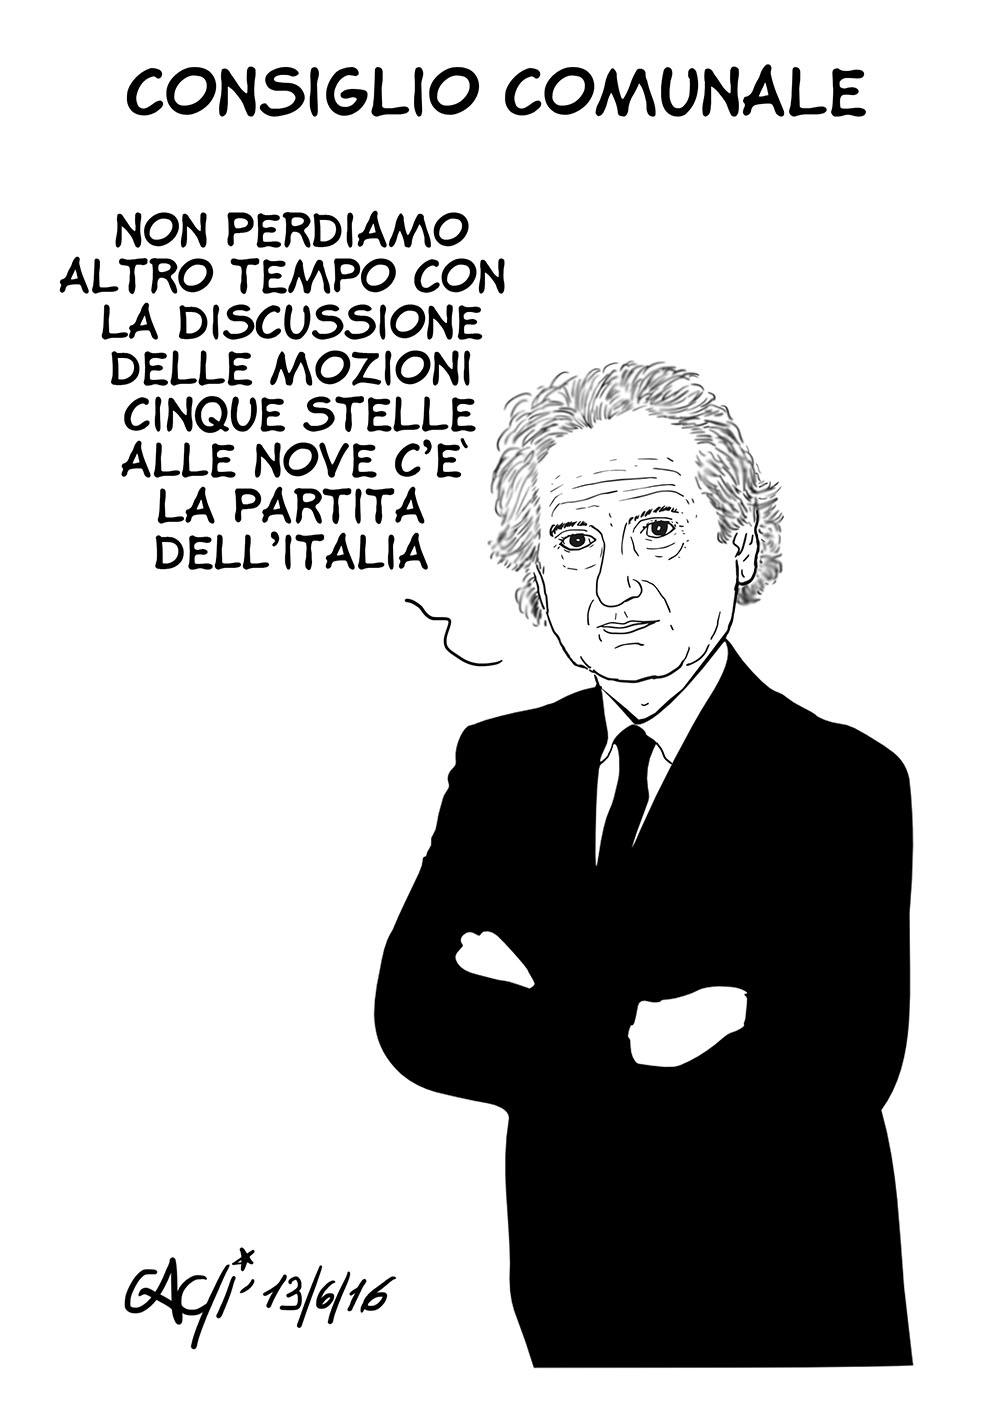 consiglio-comunale-italia